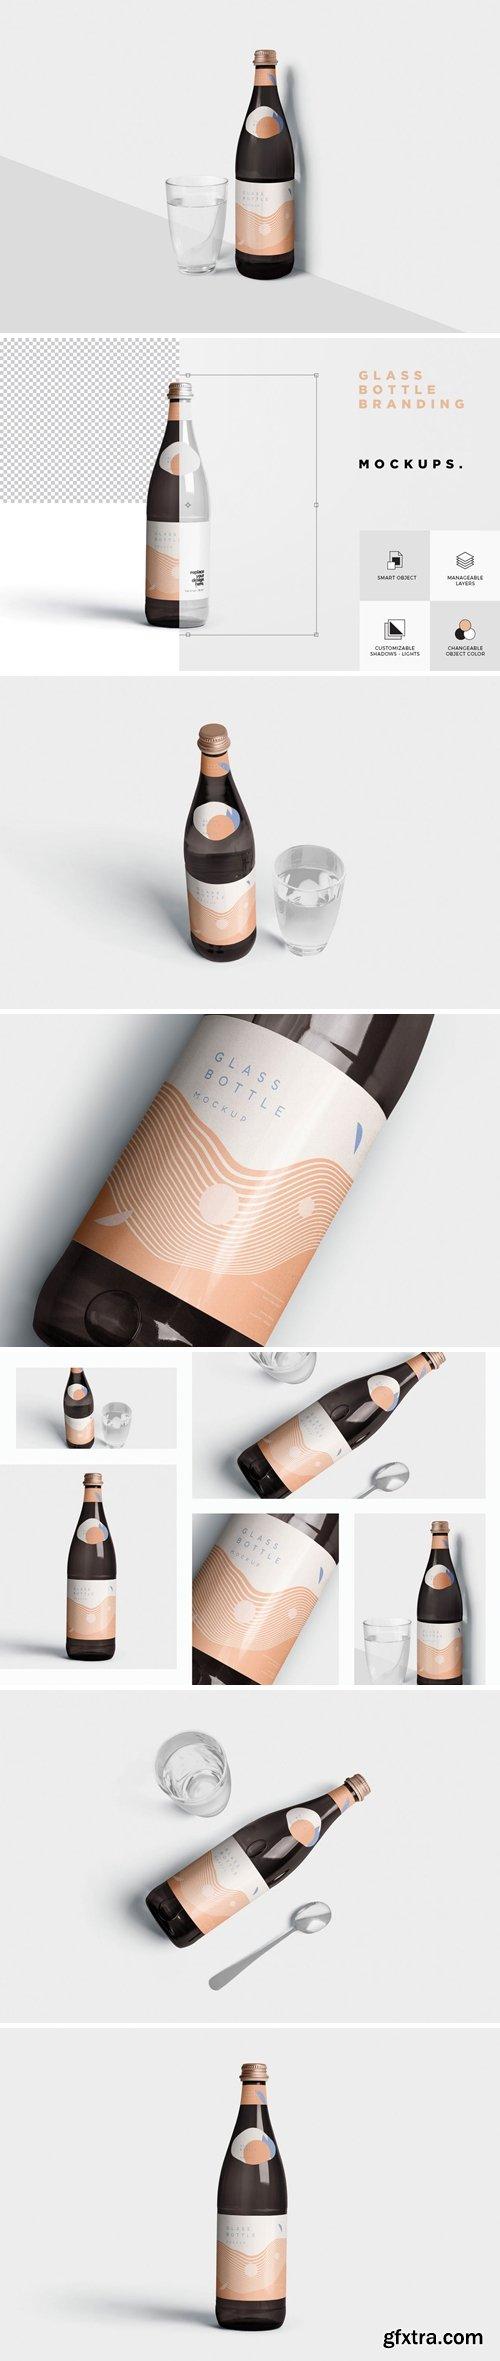 Glass Bottle Branding Mockups